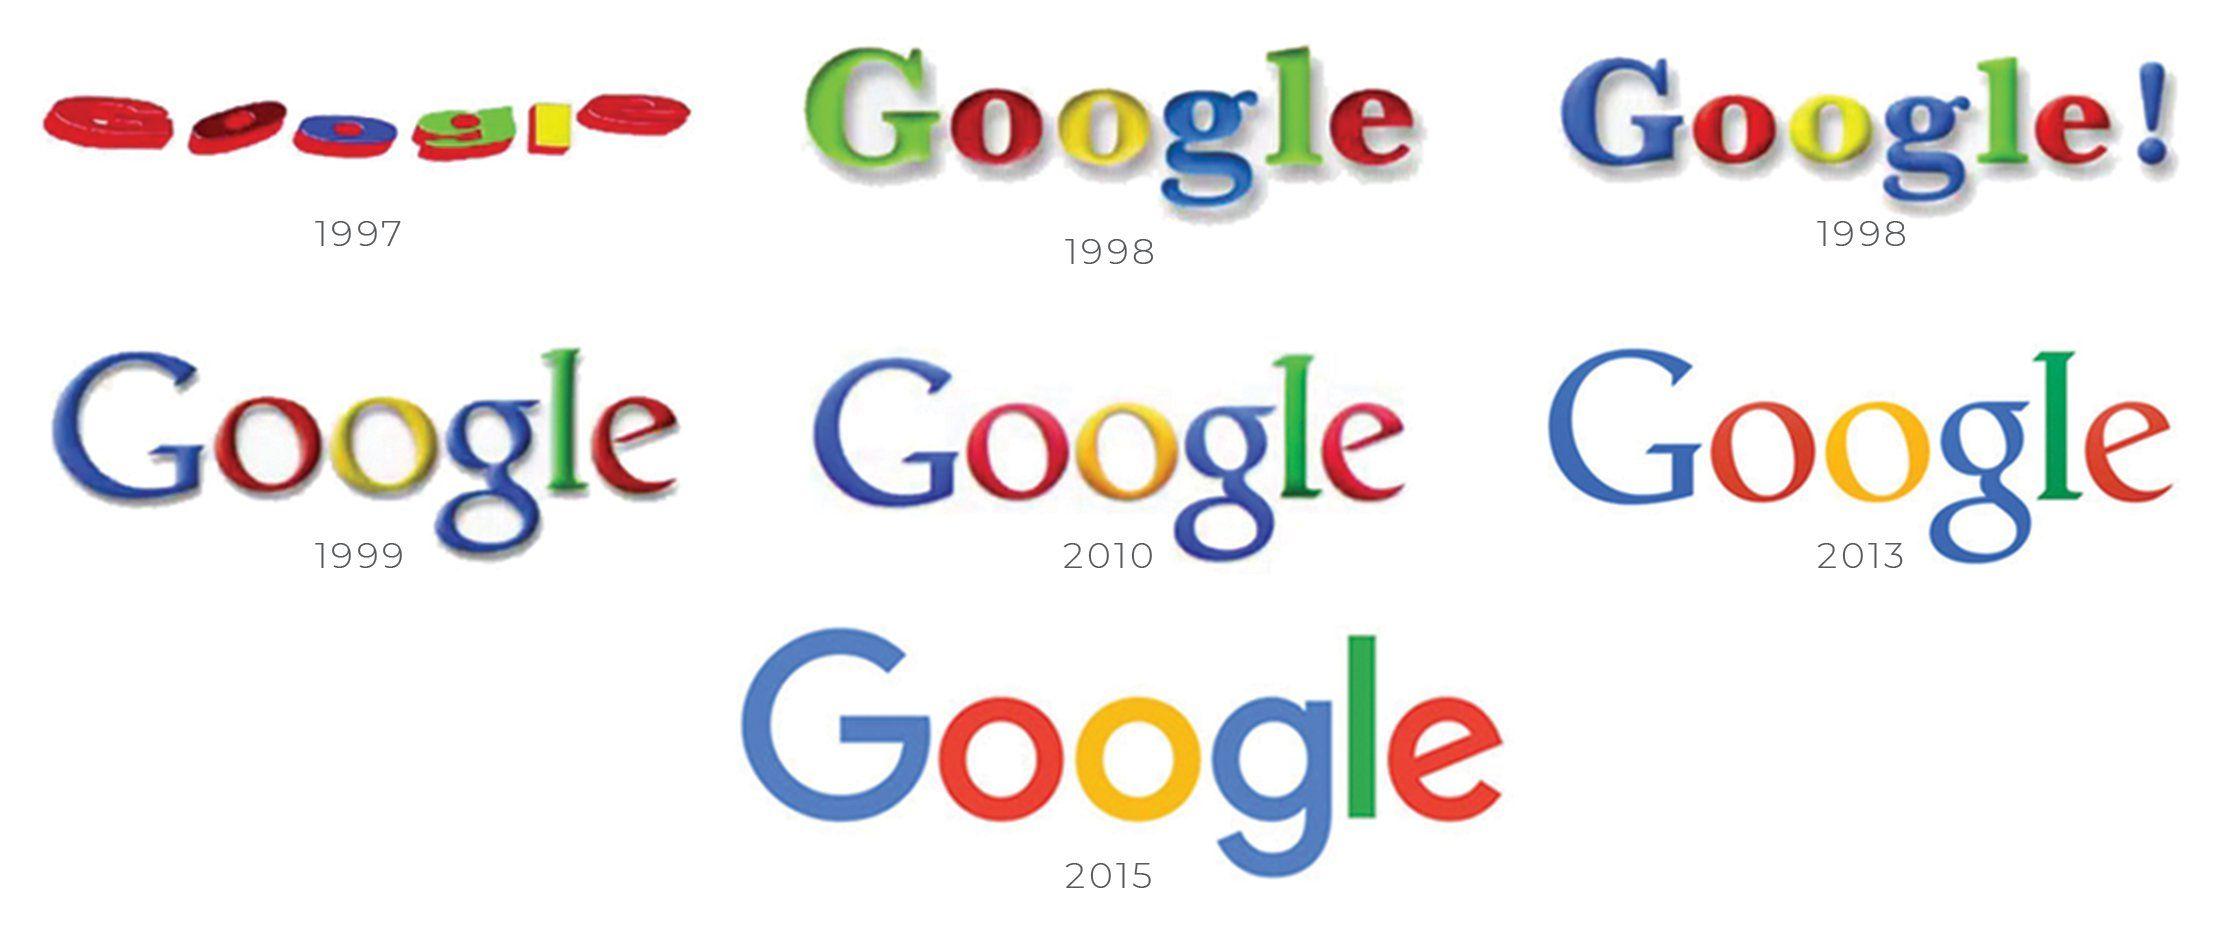 Riwayat Logo Google Dari Waktu ke Waktu yang Harus Diketahui ...